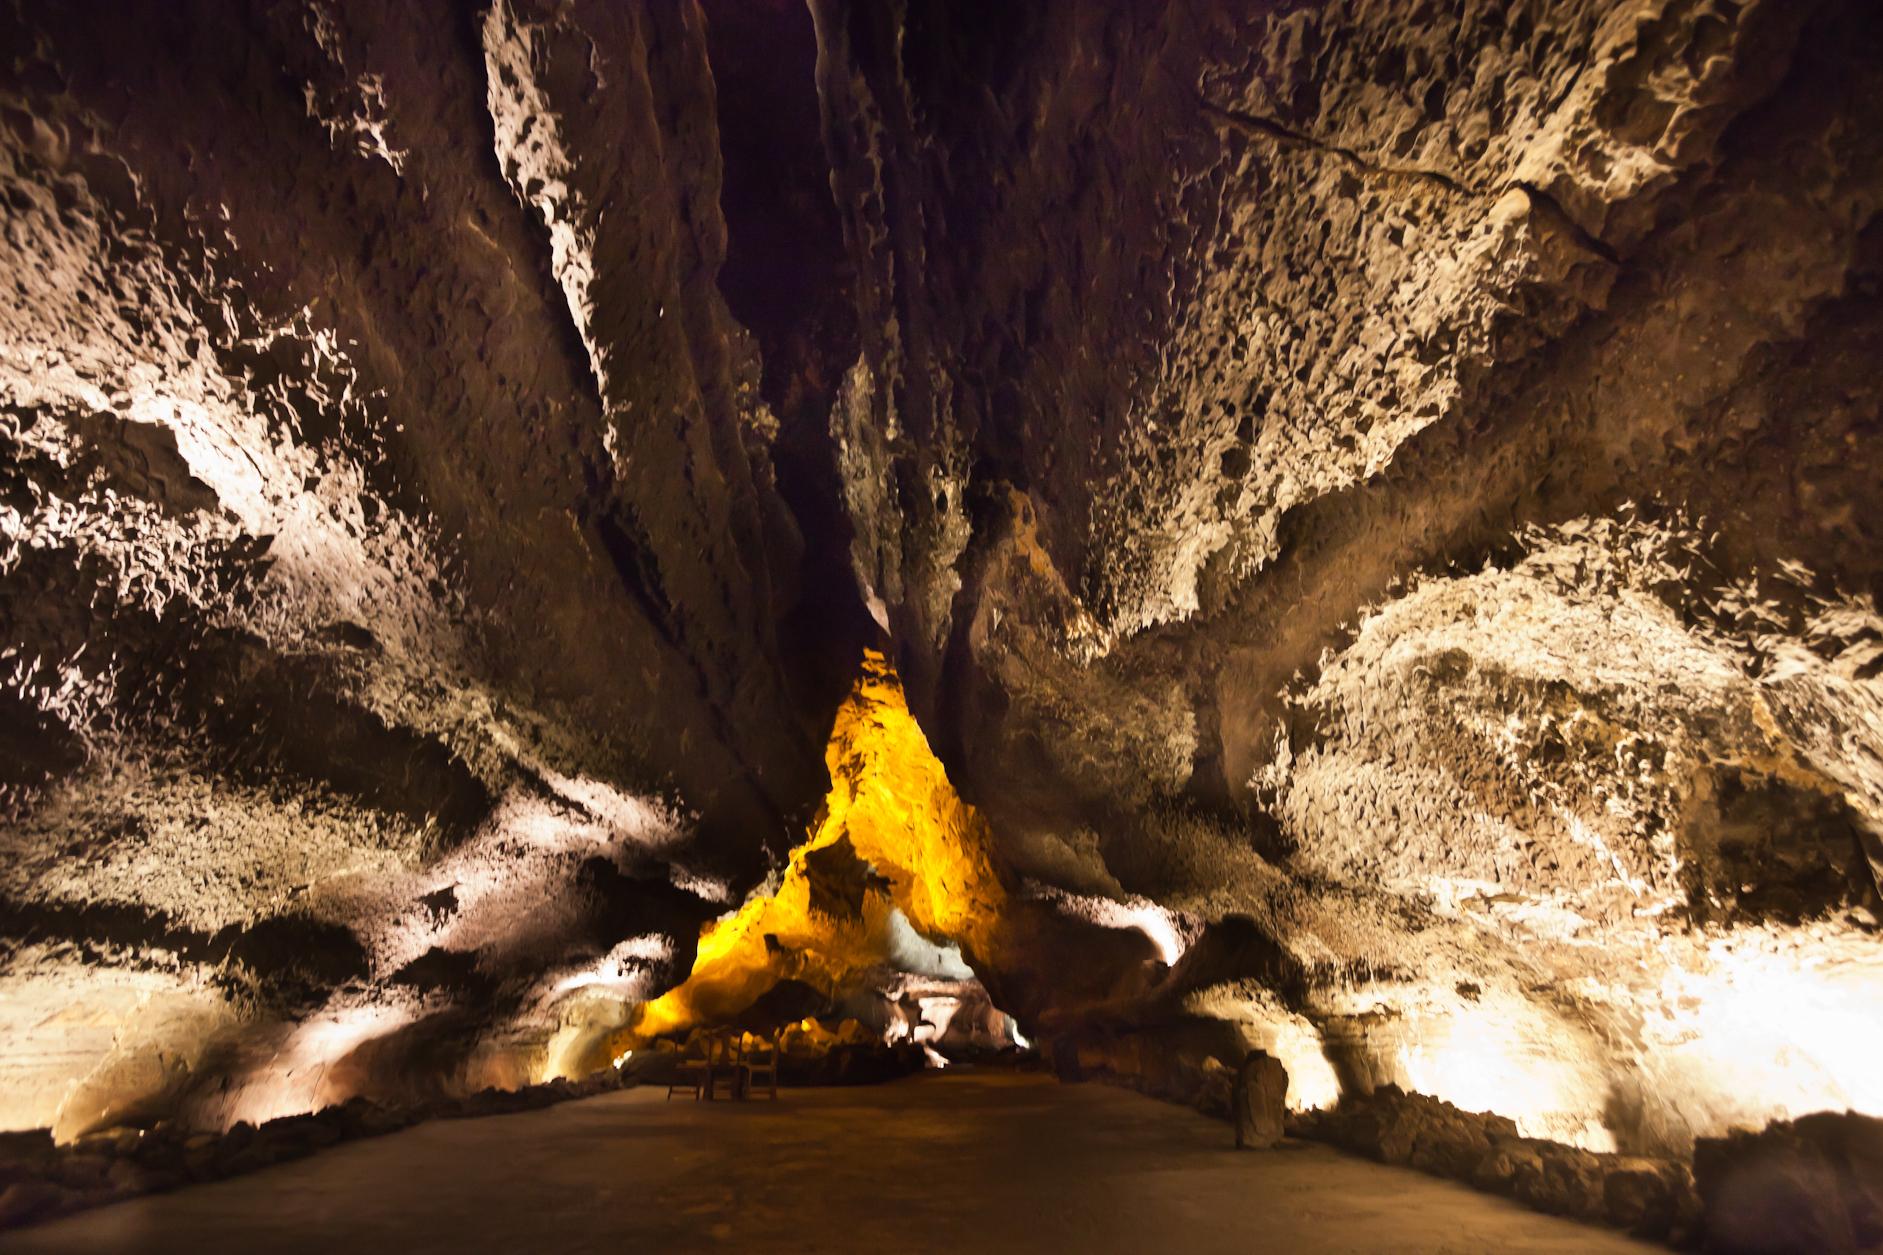 File:Cueva de los Verdes - Lanzarote - CV19.jpg - Wikimedia Commons